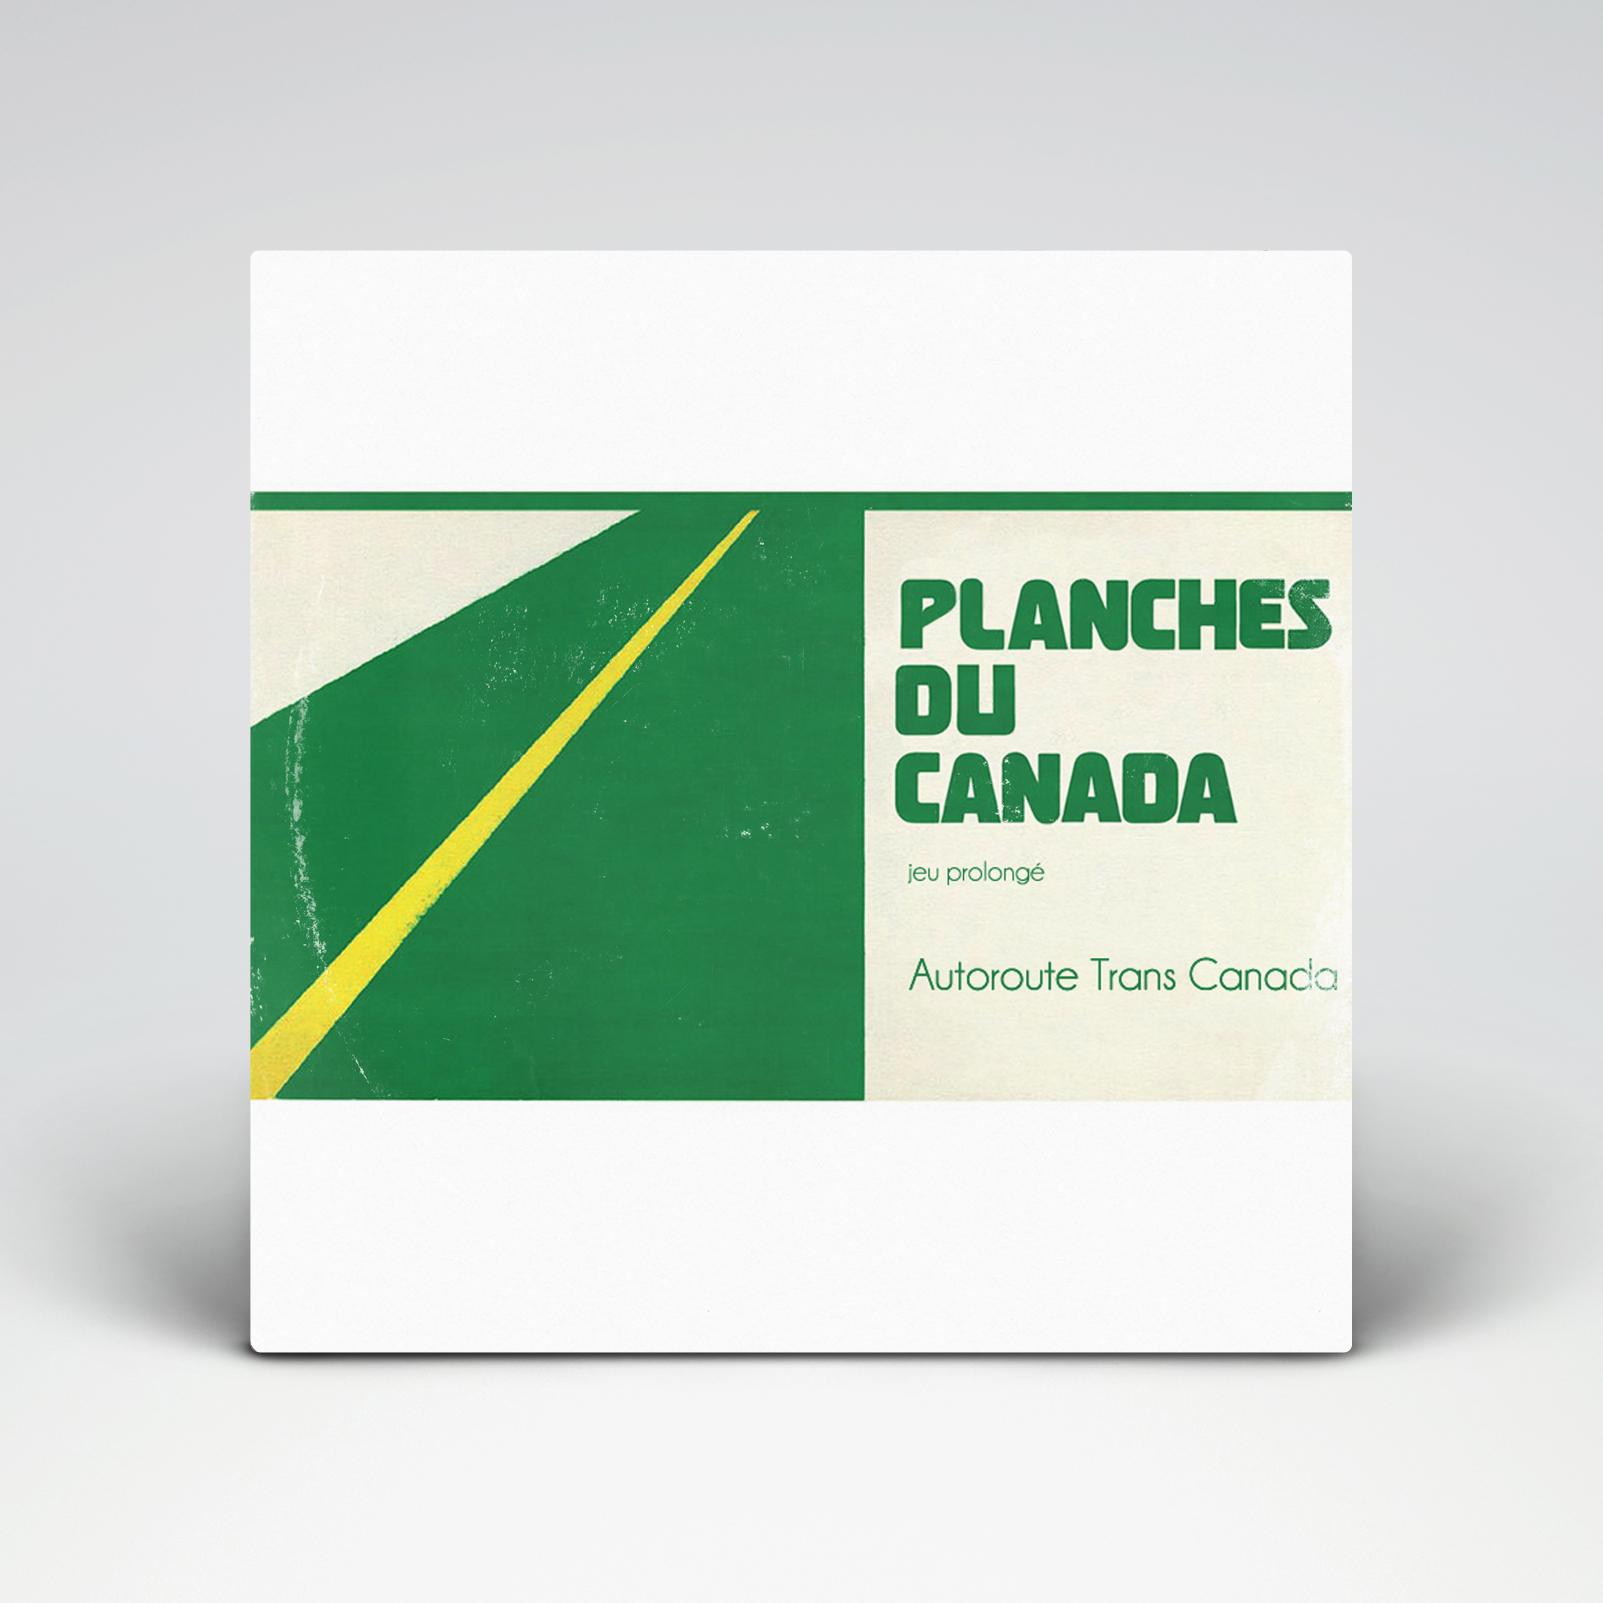 Boards Of Canada - Trans Canada Highway (2006)